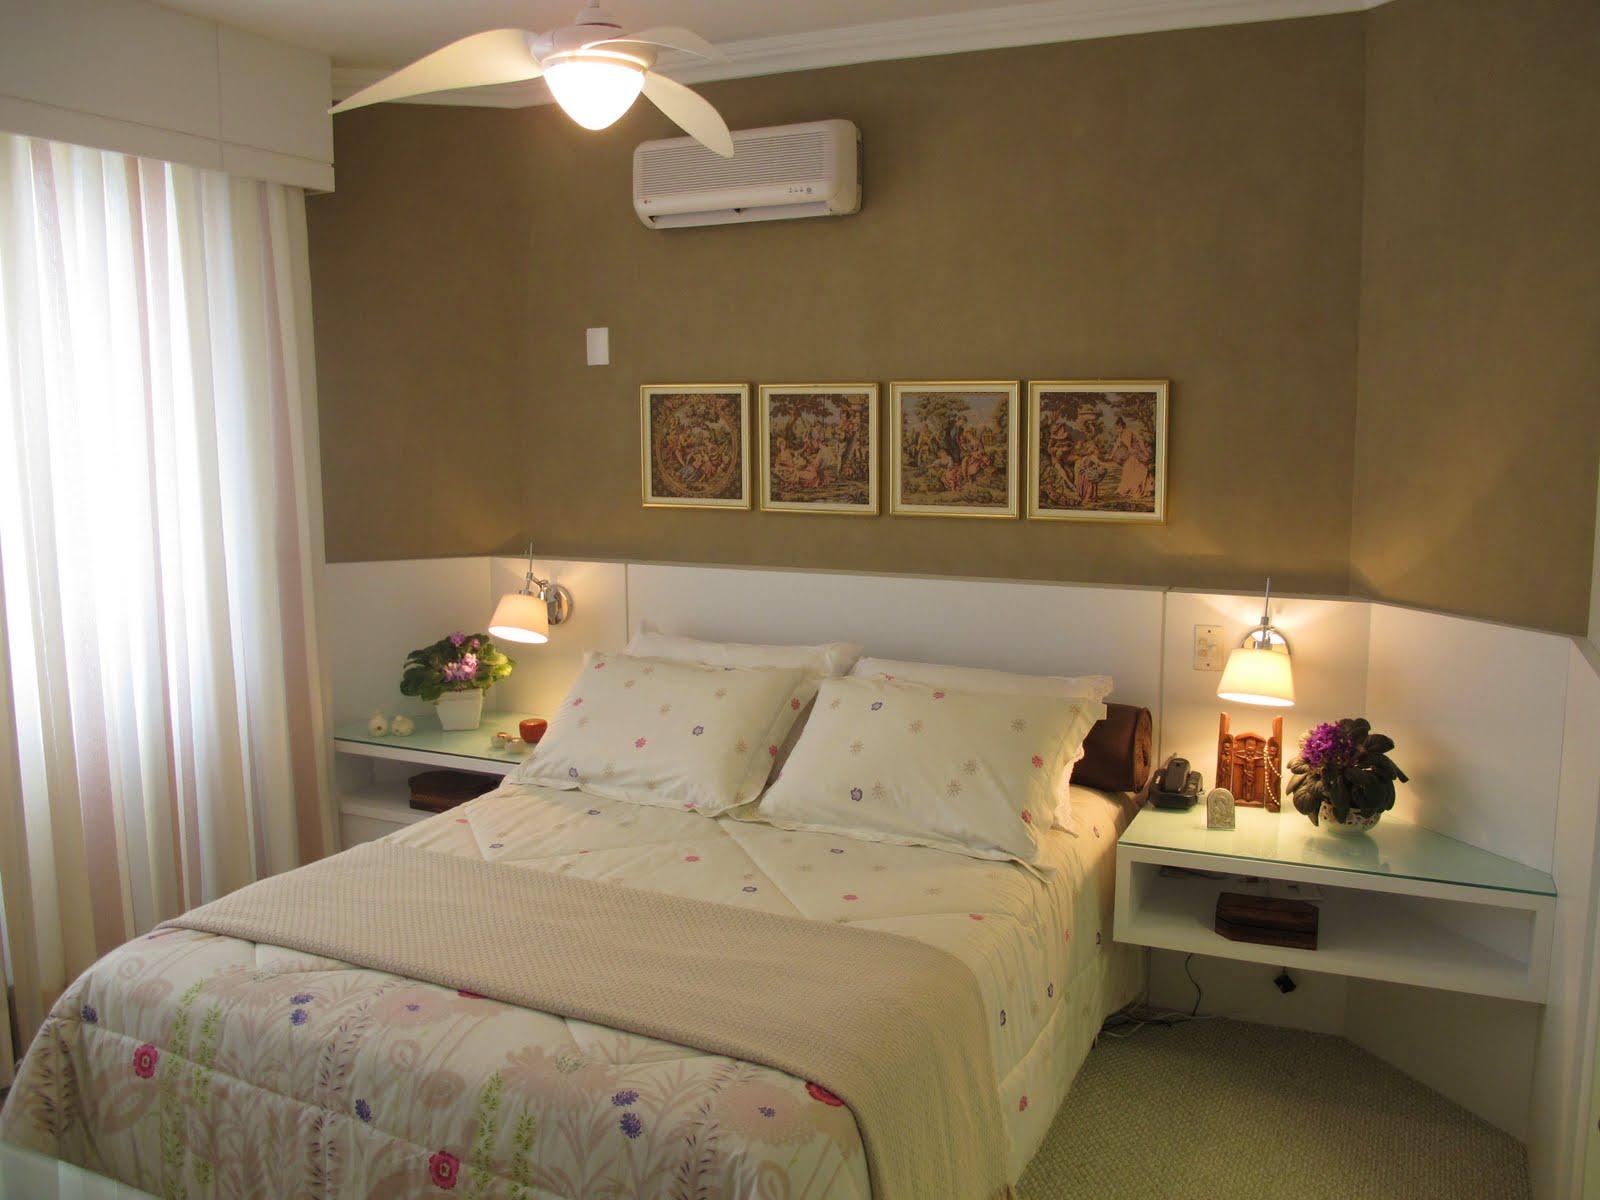 Bem Arranjado: Meia Parede: pintura tijolo papel de parede tecido e  #986234 1600x1200 Banheiro Com Azulejo Meia Parede